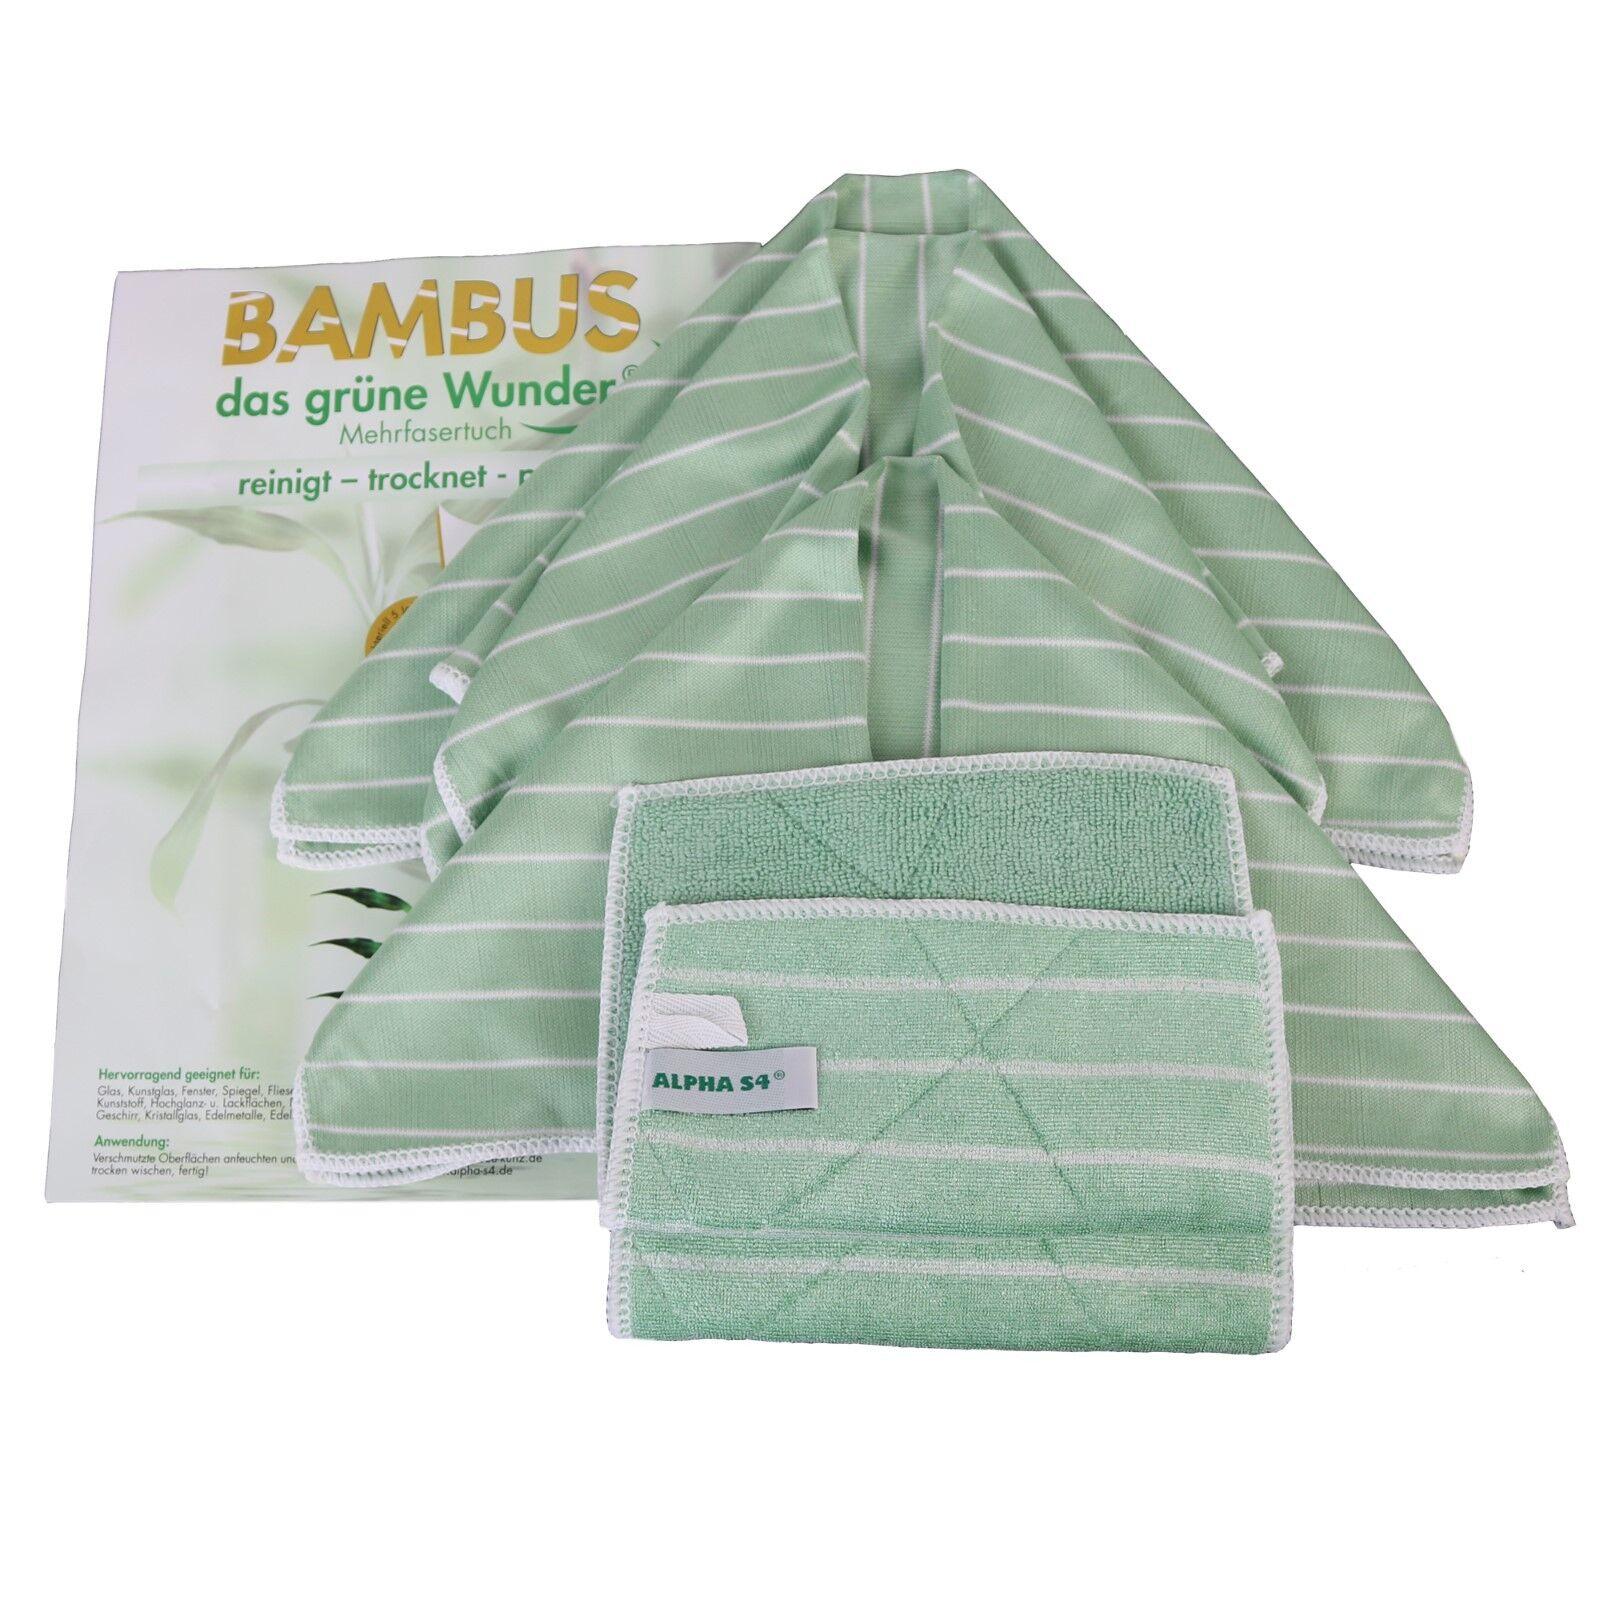 Bambus Reinigungstücher Alpha S4 5 tlg. Set das Grüne Wunder der Putzlappen